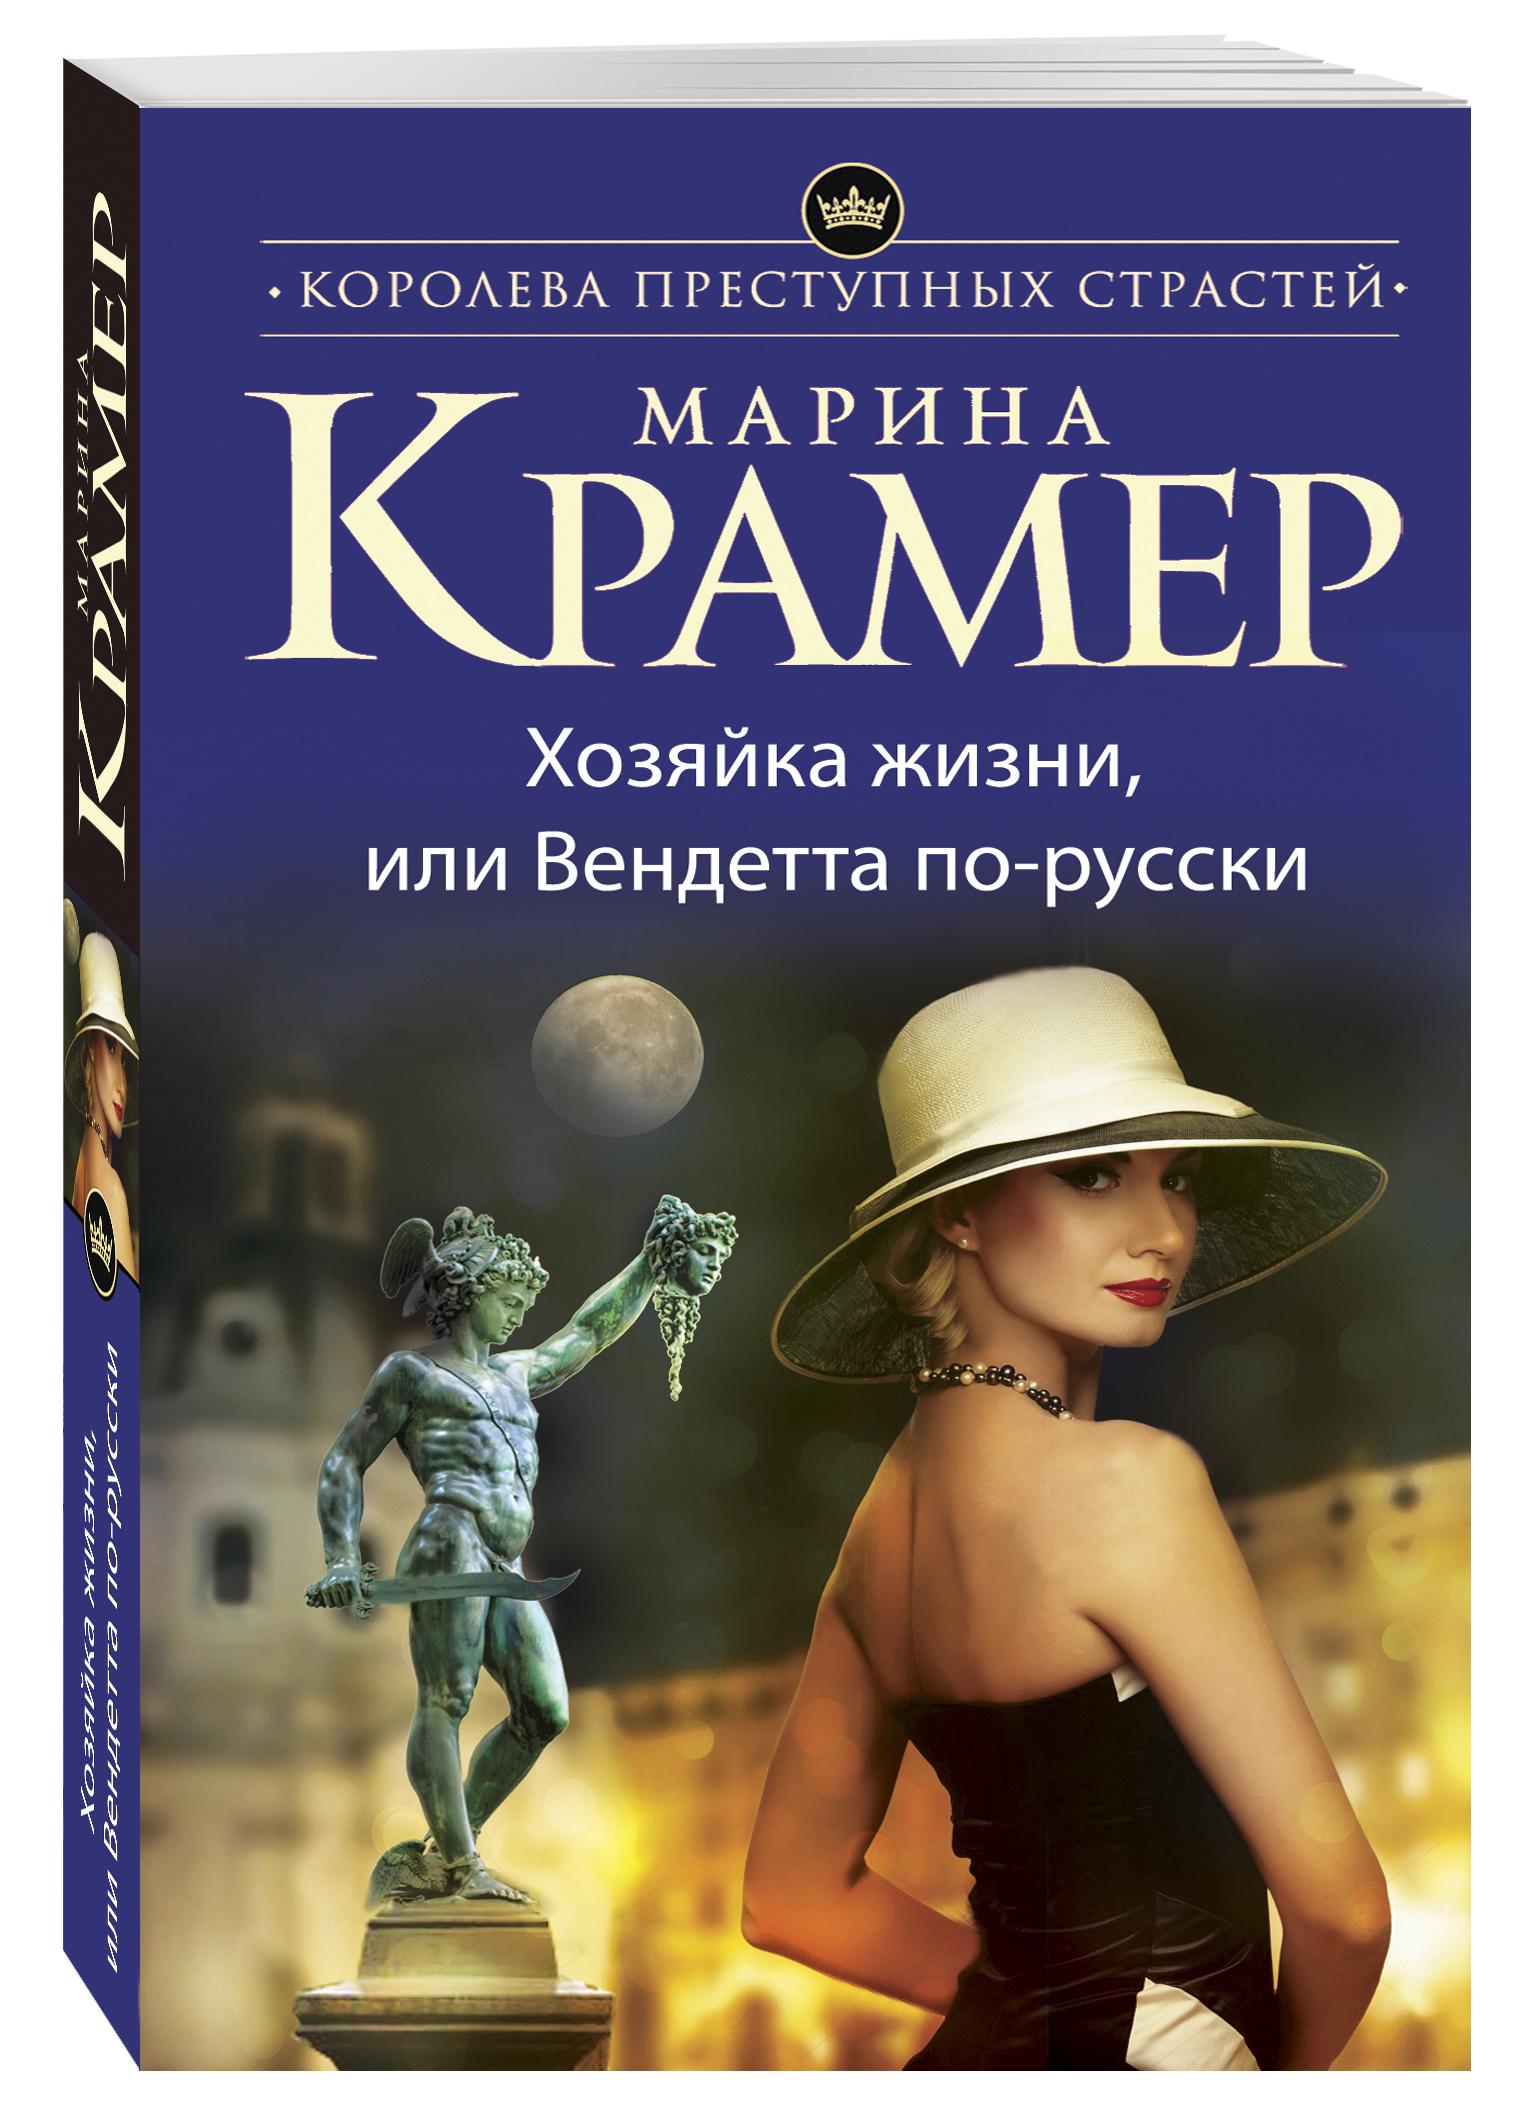 Крамер М. Хозяйка жизни, или Вендетта по-русски